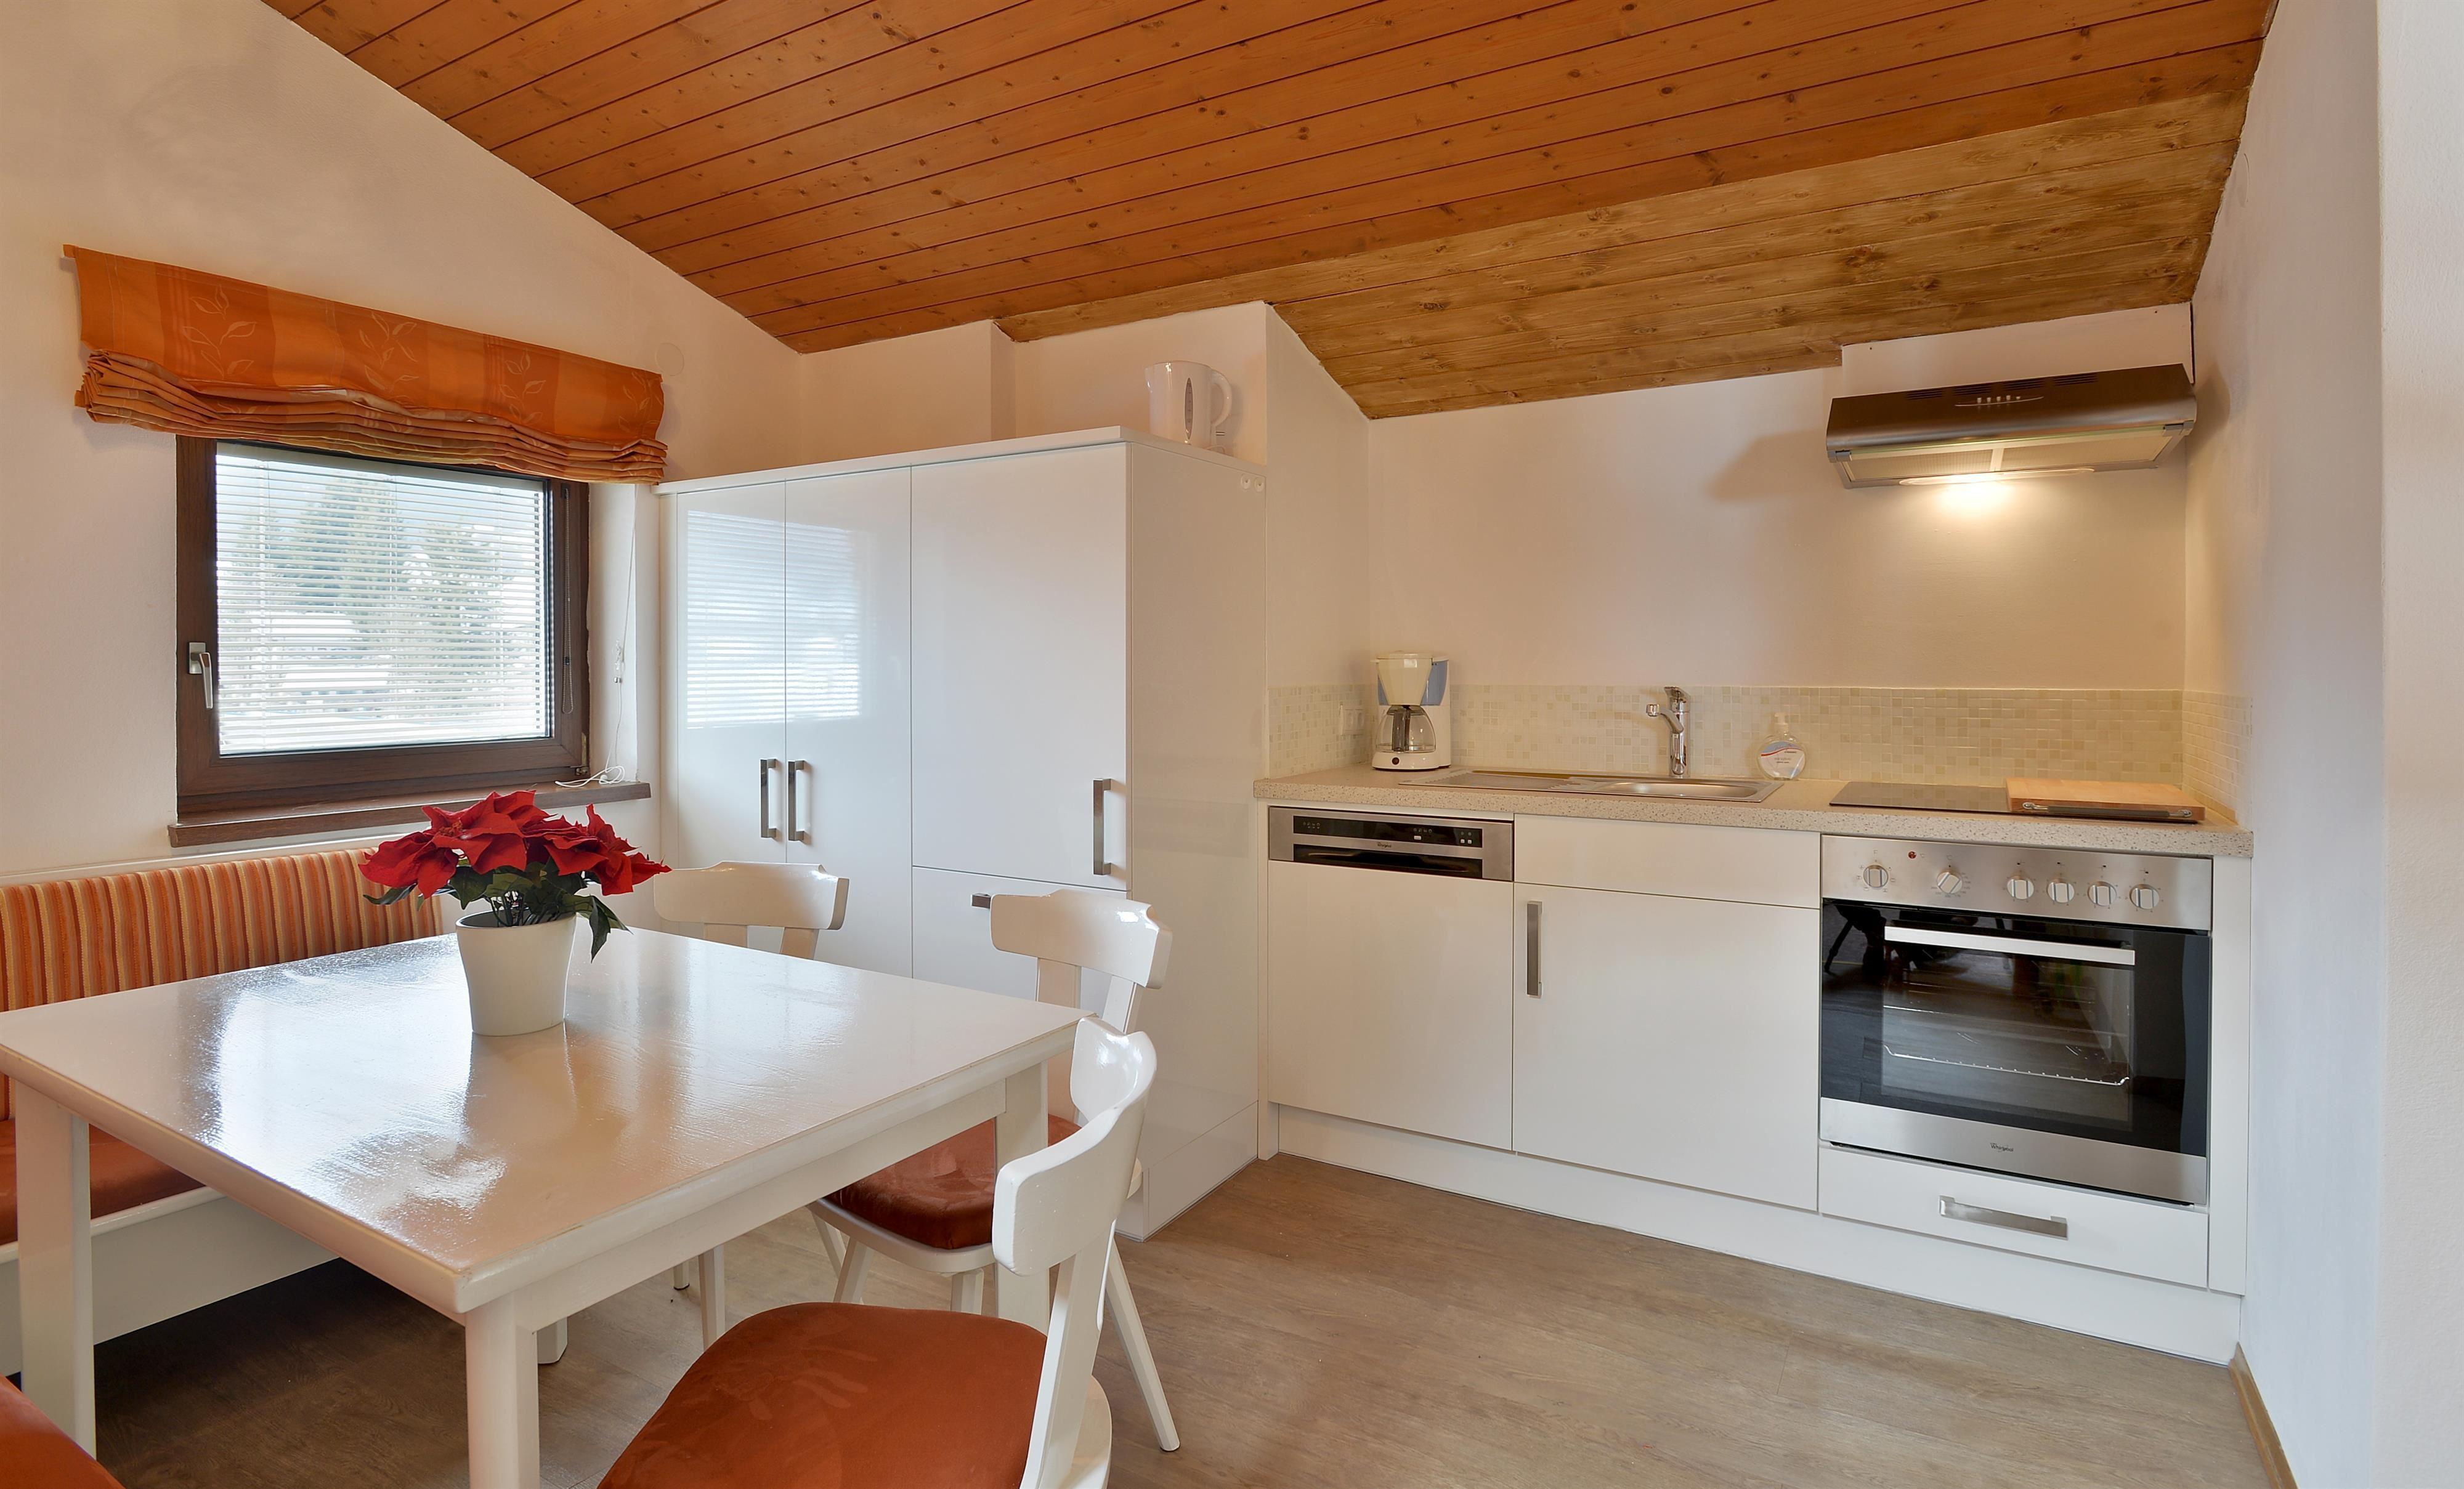 Unser appartment fuchs hat 3 schlafzimmer mit je 2 betten komplett ausgestattete küche e herd backofen kühlschrank geschirrspülermit sitzecke